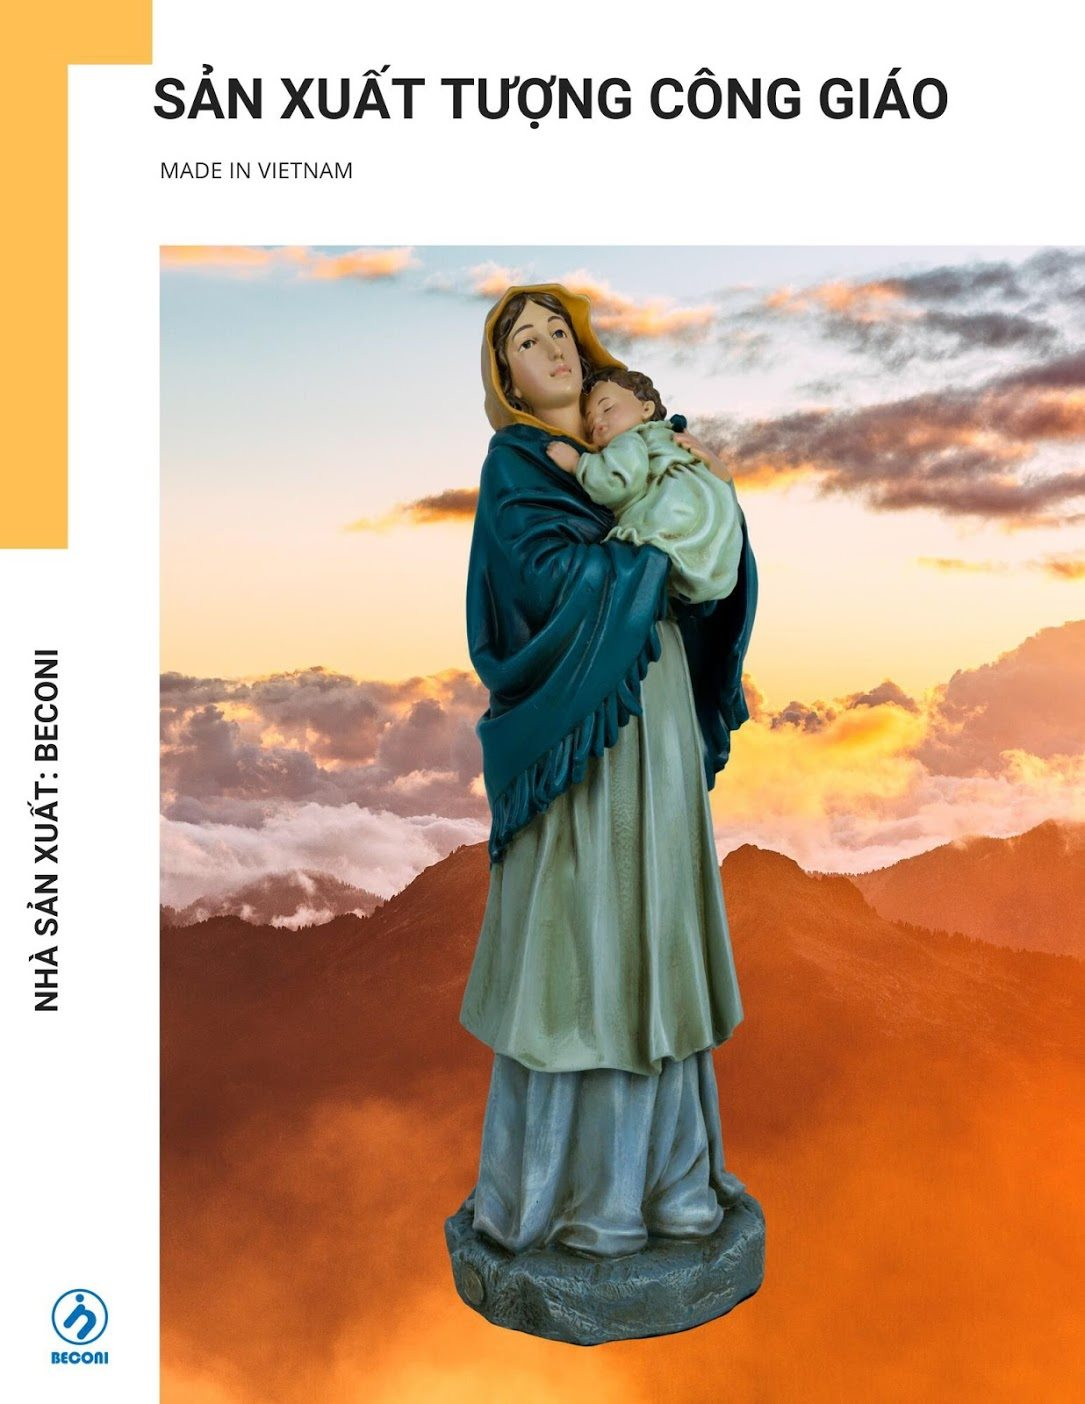 Tượng Đức Mẹ Bế Chúa Beconi – Tượng đẹp/ Vẽ màu thủ công/ BH 7 năm.